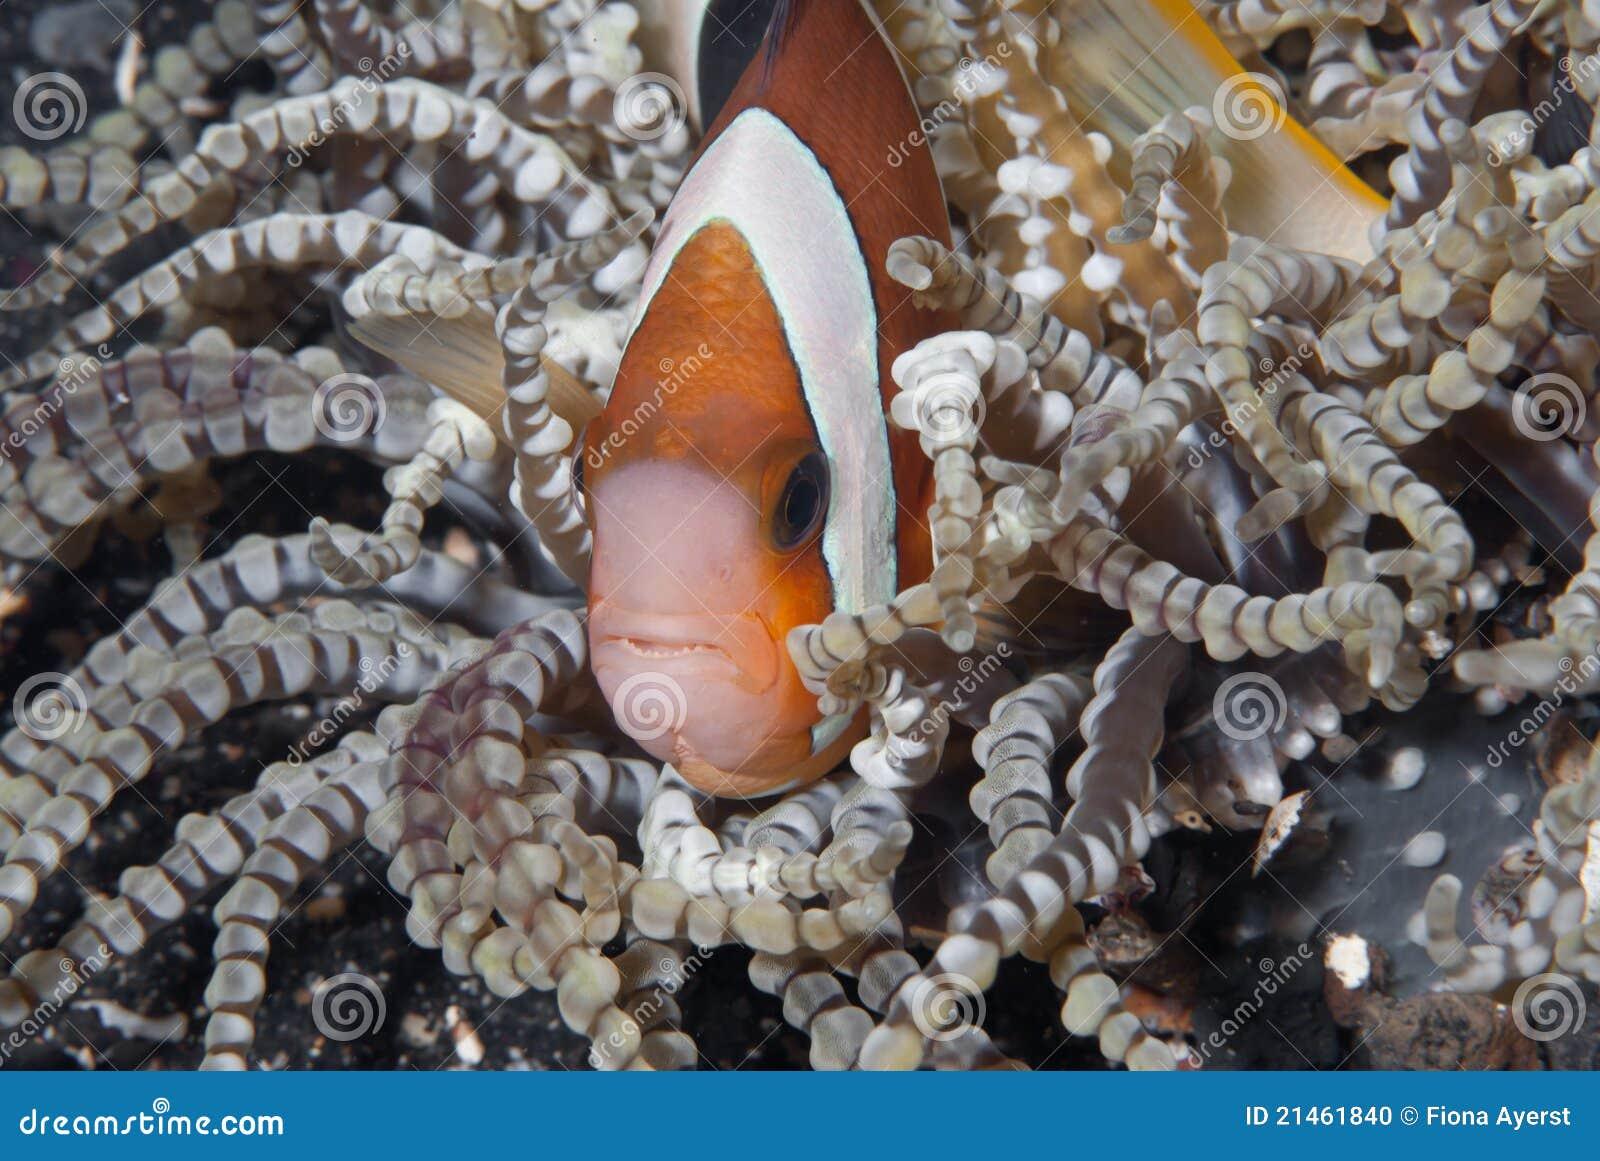 Versteckendes clownfish